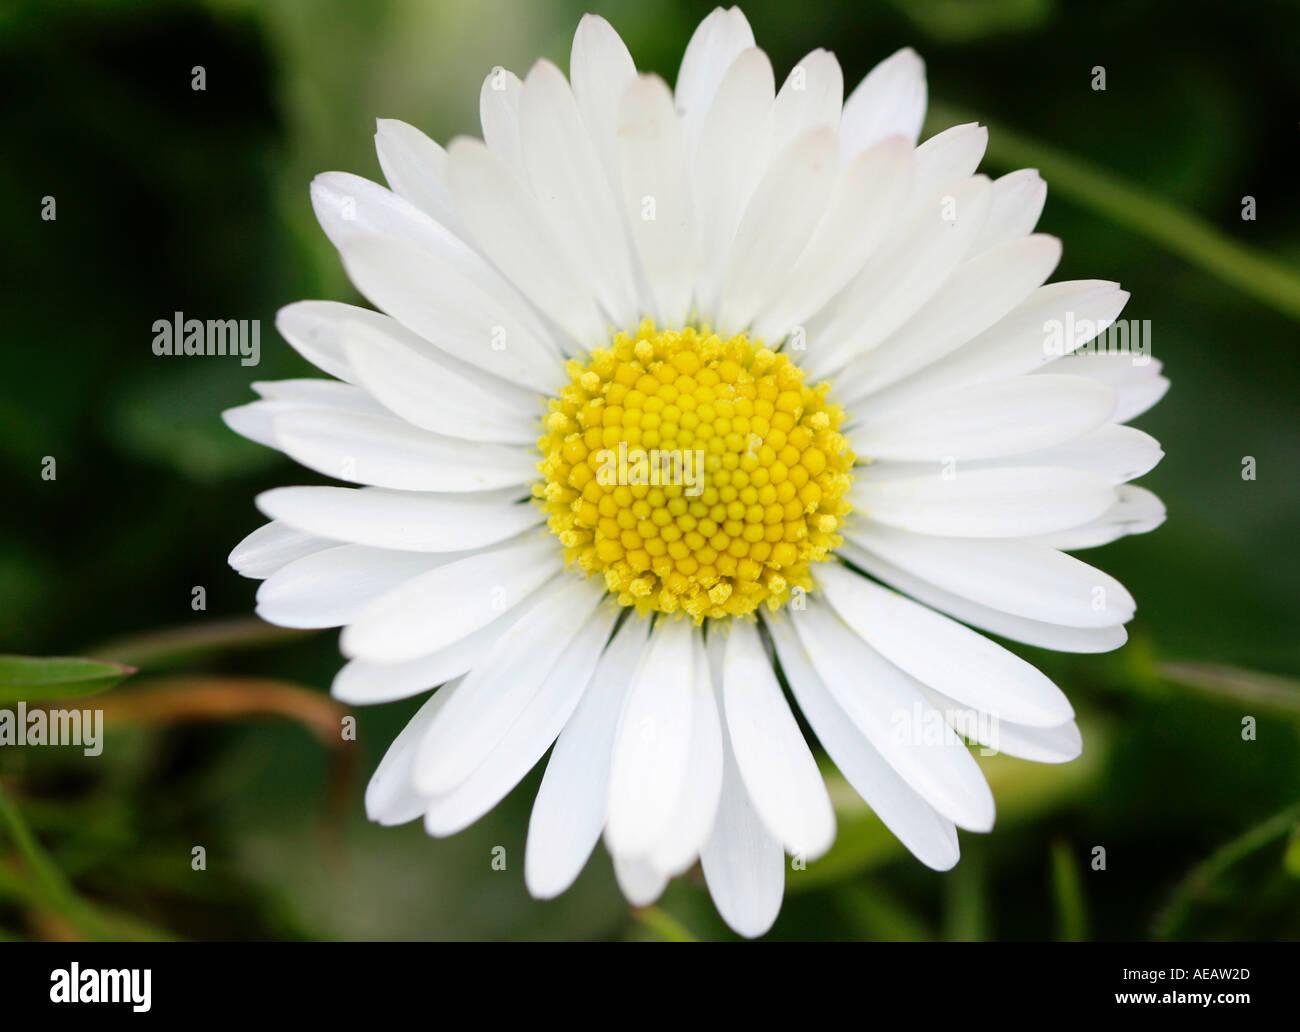 Daisy flower england stock photos daisy flower england stock daisy flower england stock image izmirmasajfo